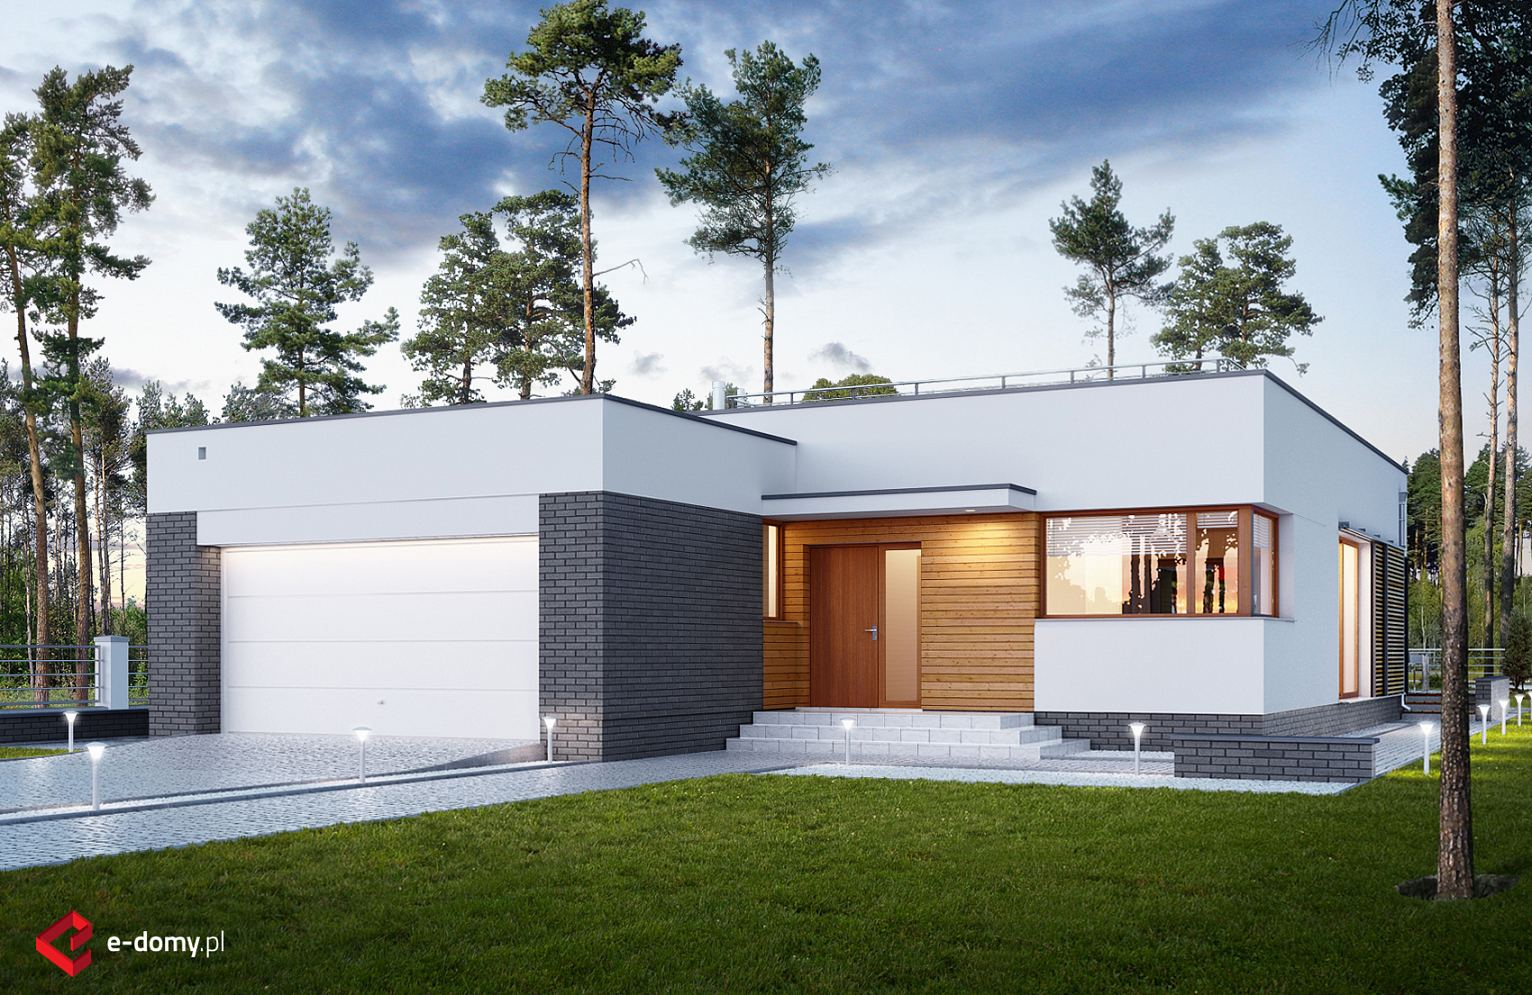 E 234 E Domy Pl Projekty Domow Jednorodzinnych Nowoczesnych